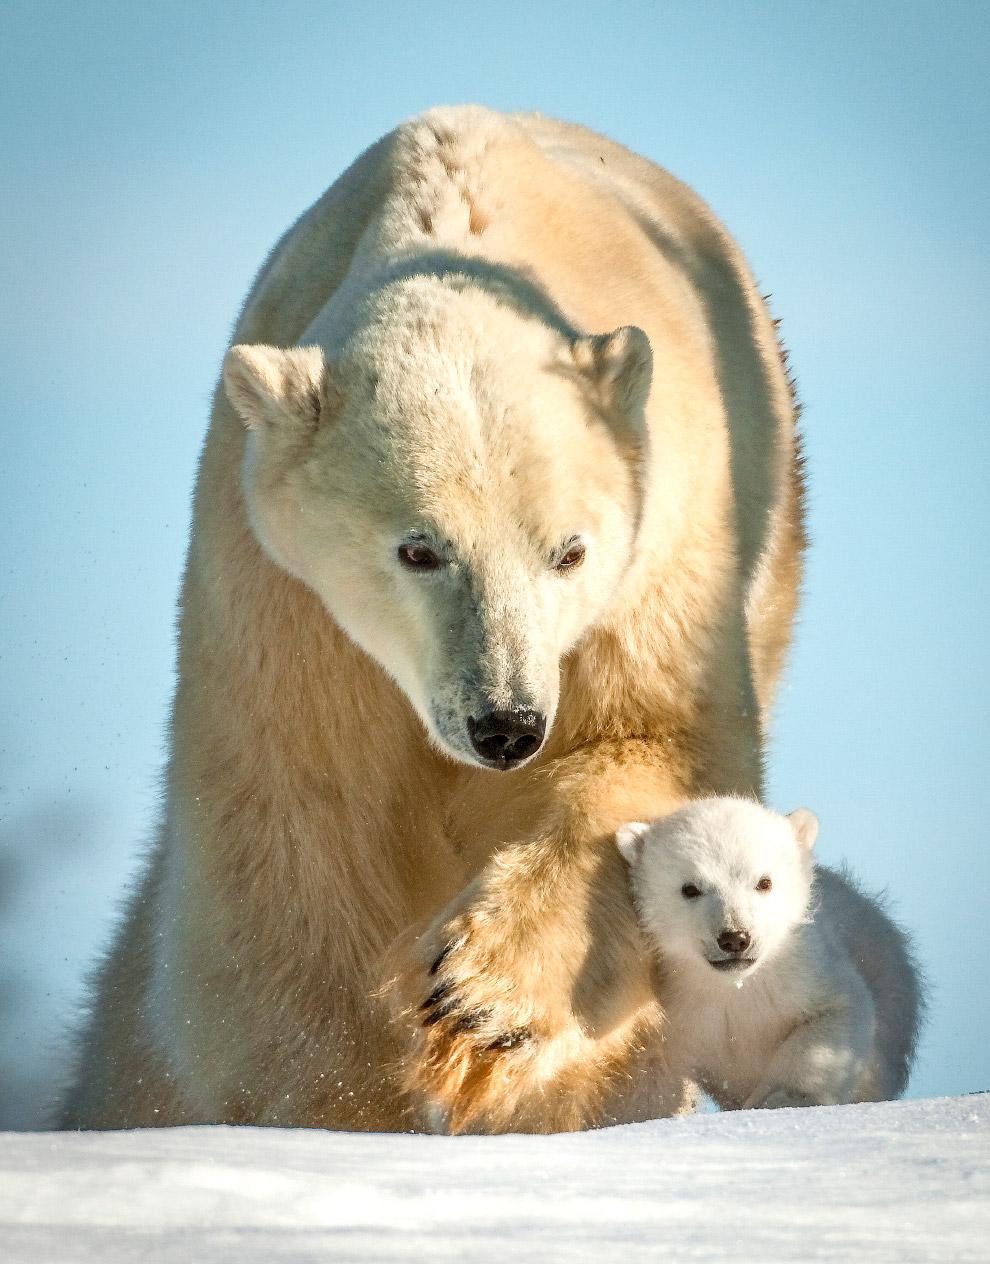 16. Случаи нападений белых медведей на людей известны из записок и отчётов полярных путешественников